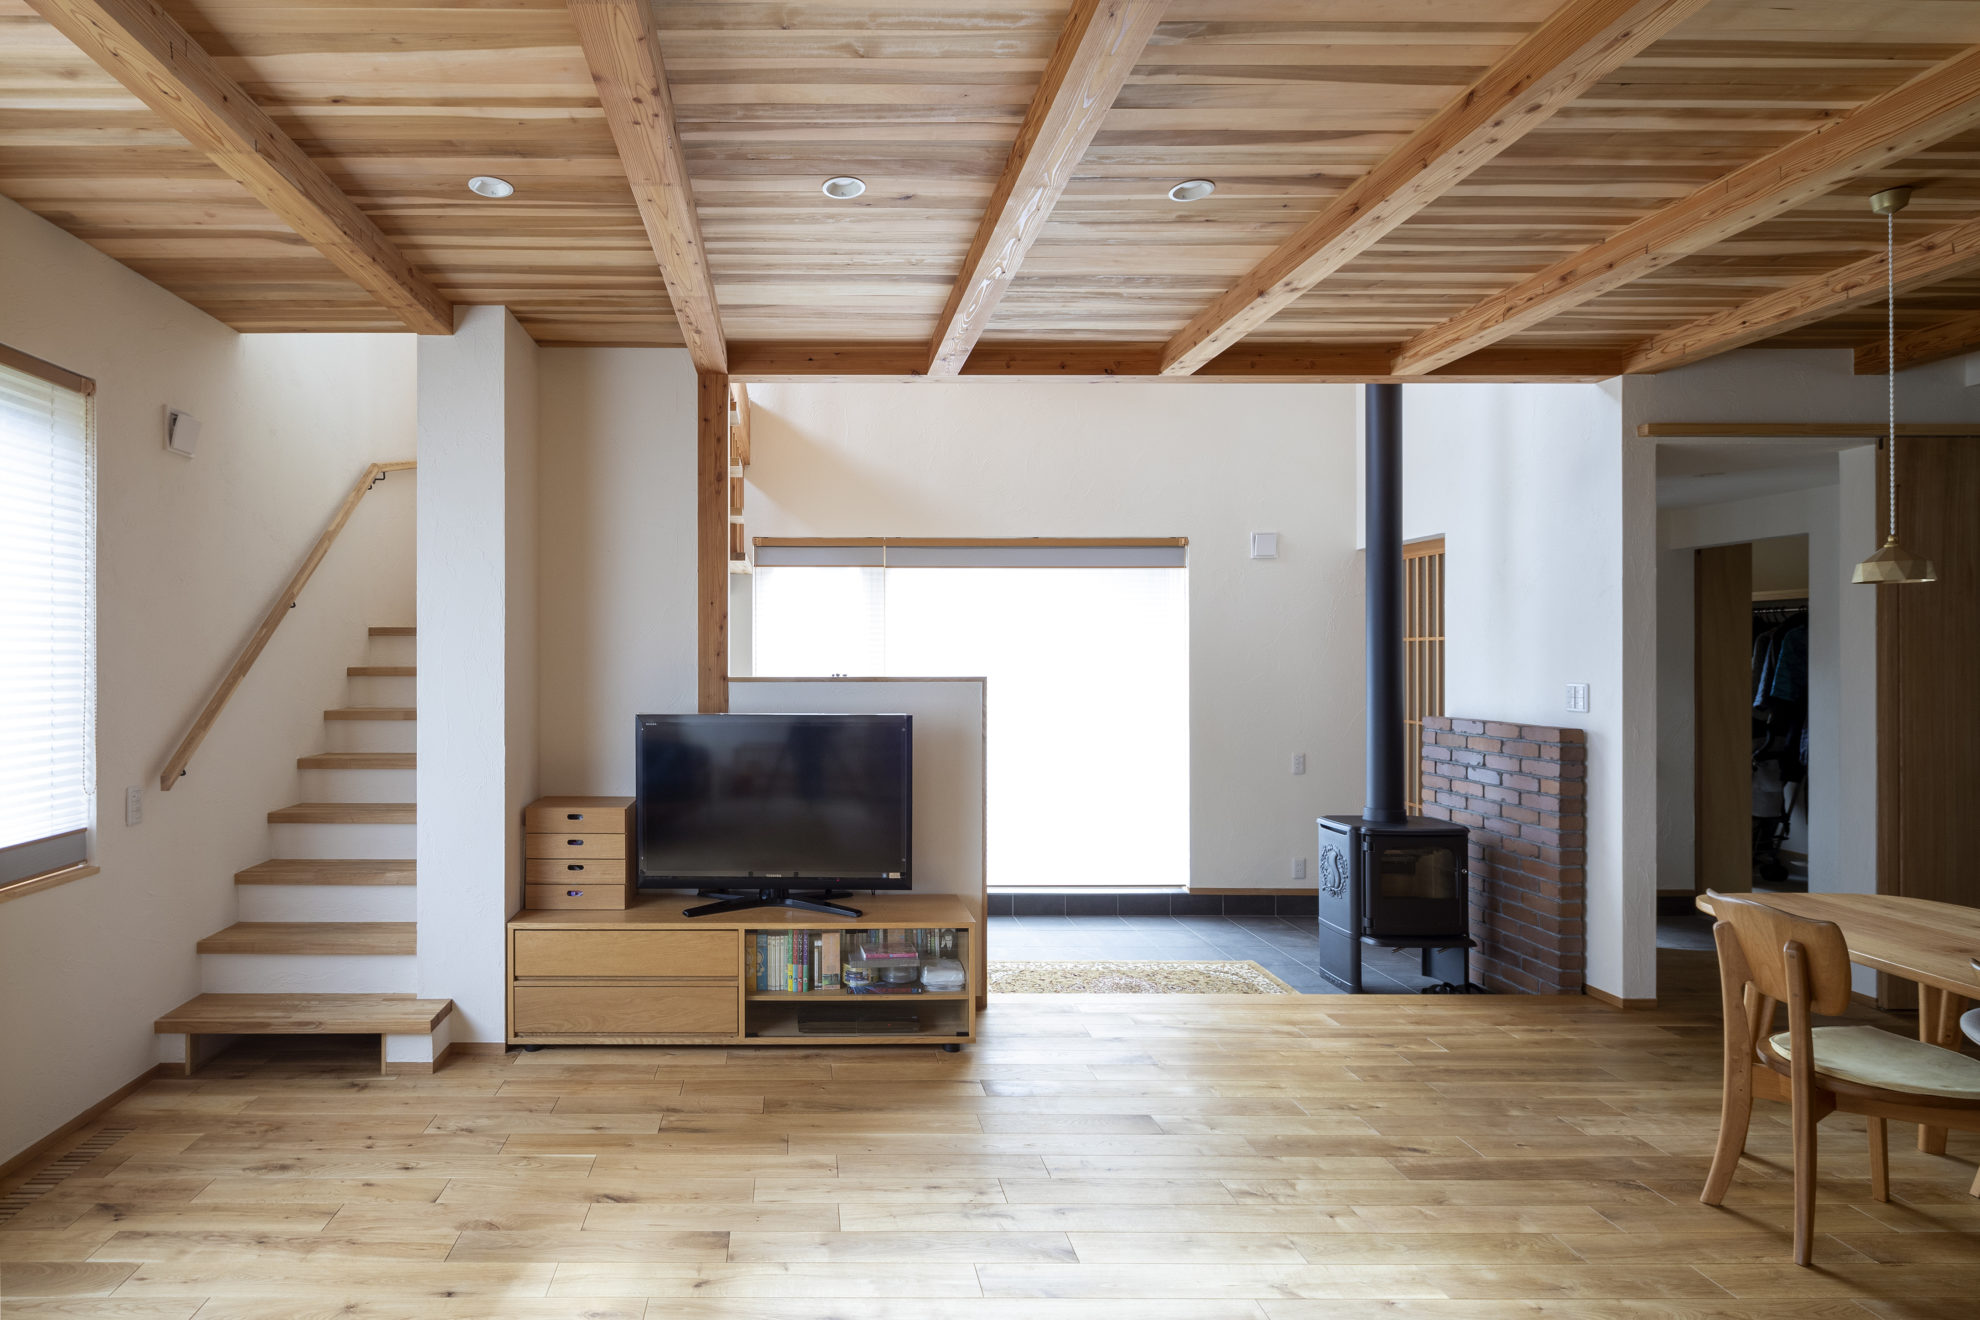 リビング、薪ストーブの置かれた土間、テラスのつながりが、空間に広がりをあたえてくれる